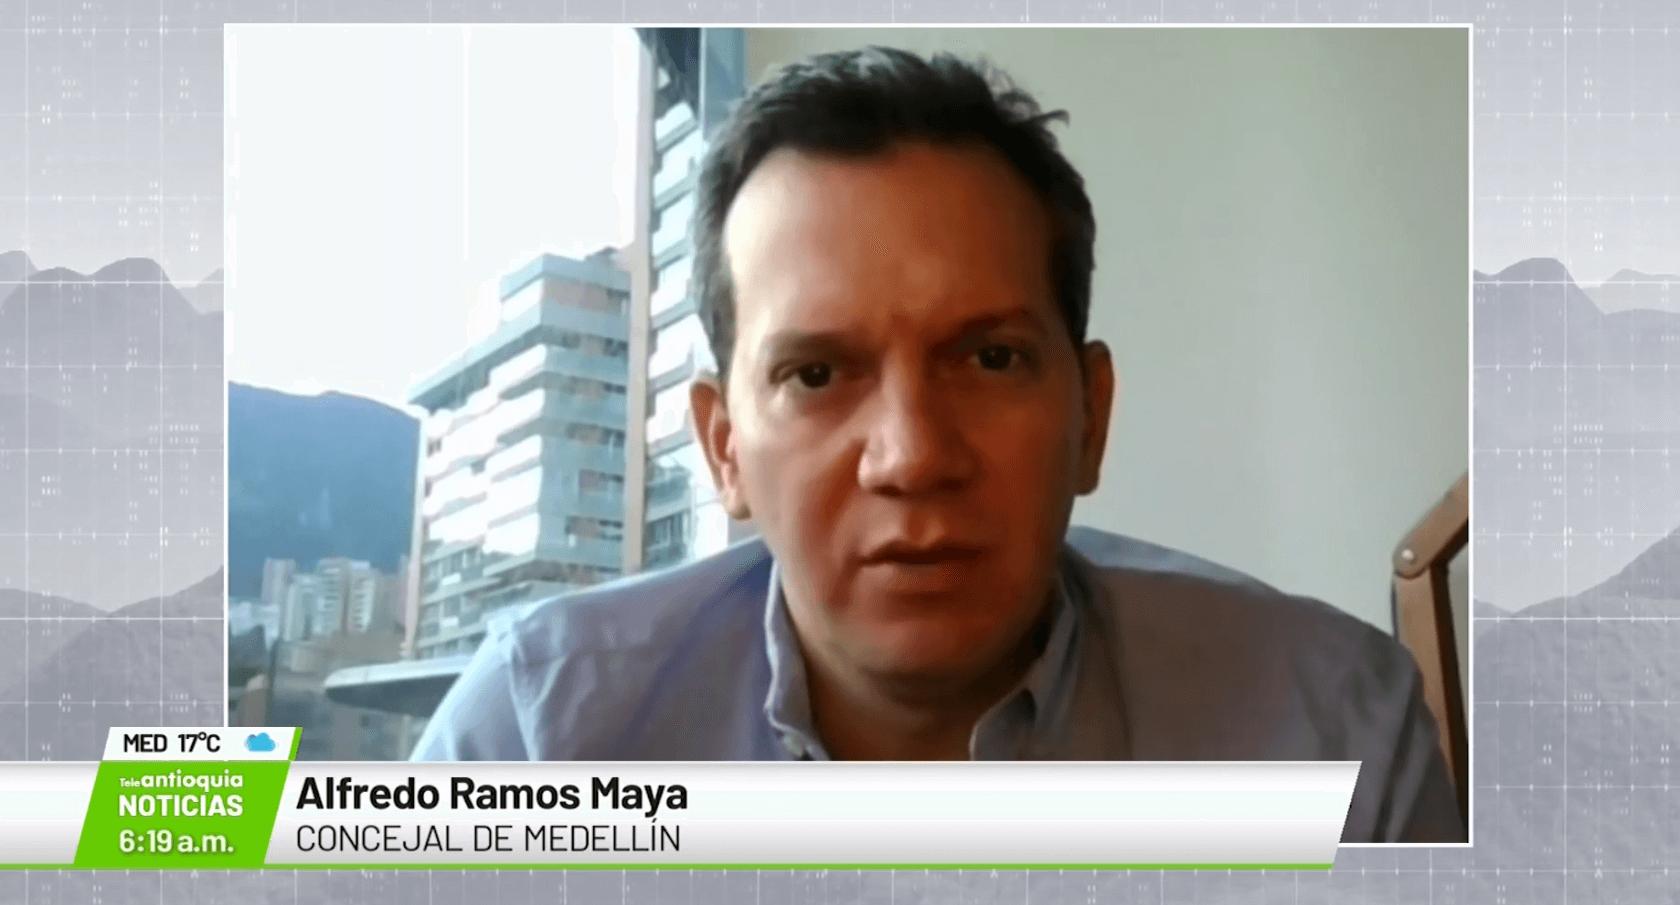 Alfredo Ramos Maya, concejal de Medellín